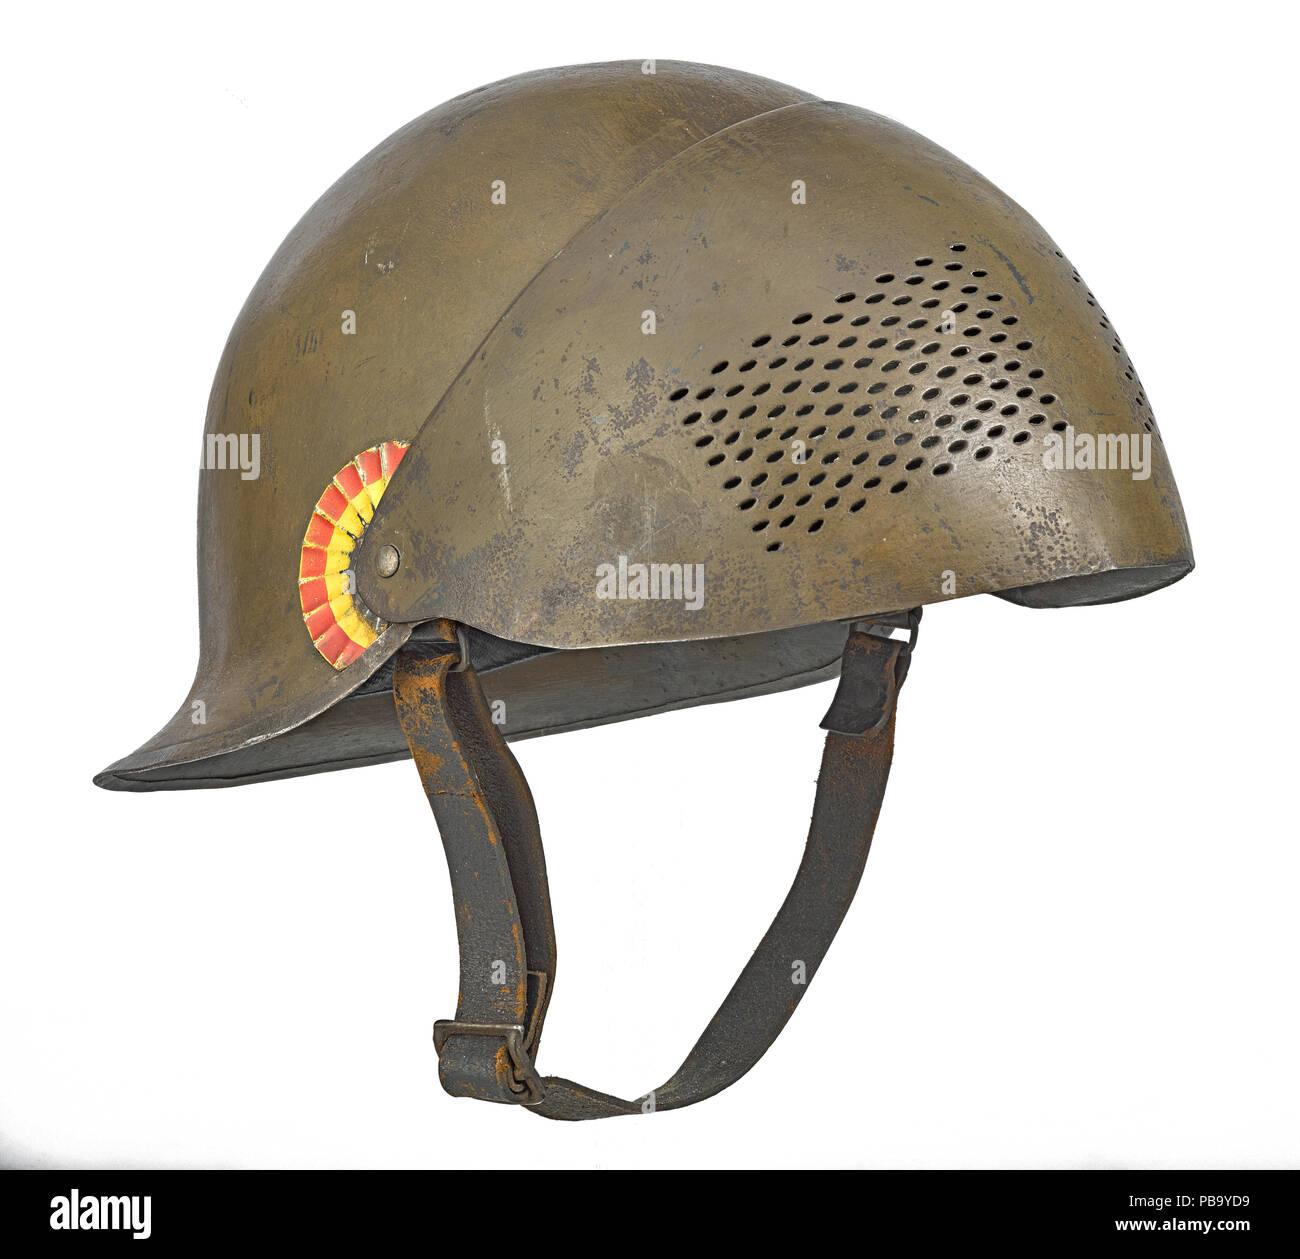 Anglo-Belgian helmet - Stock Image